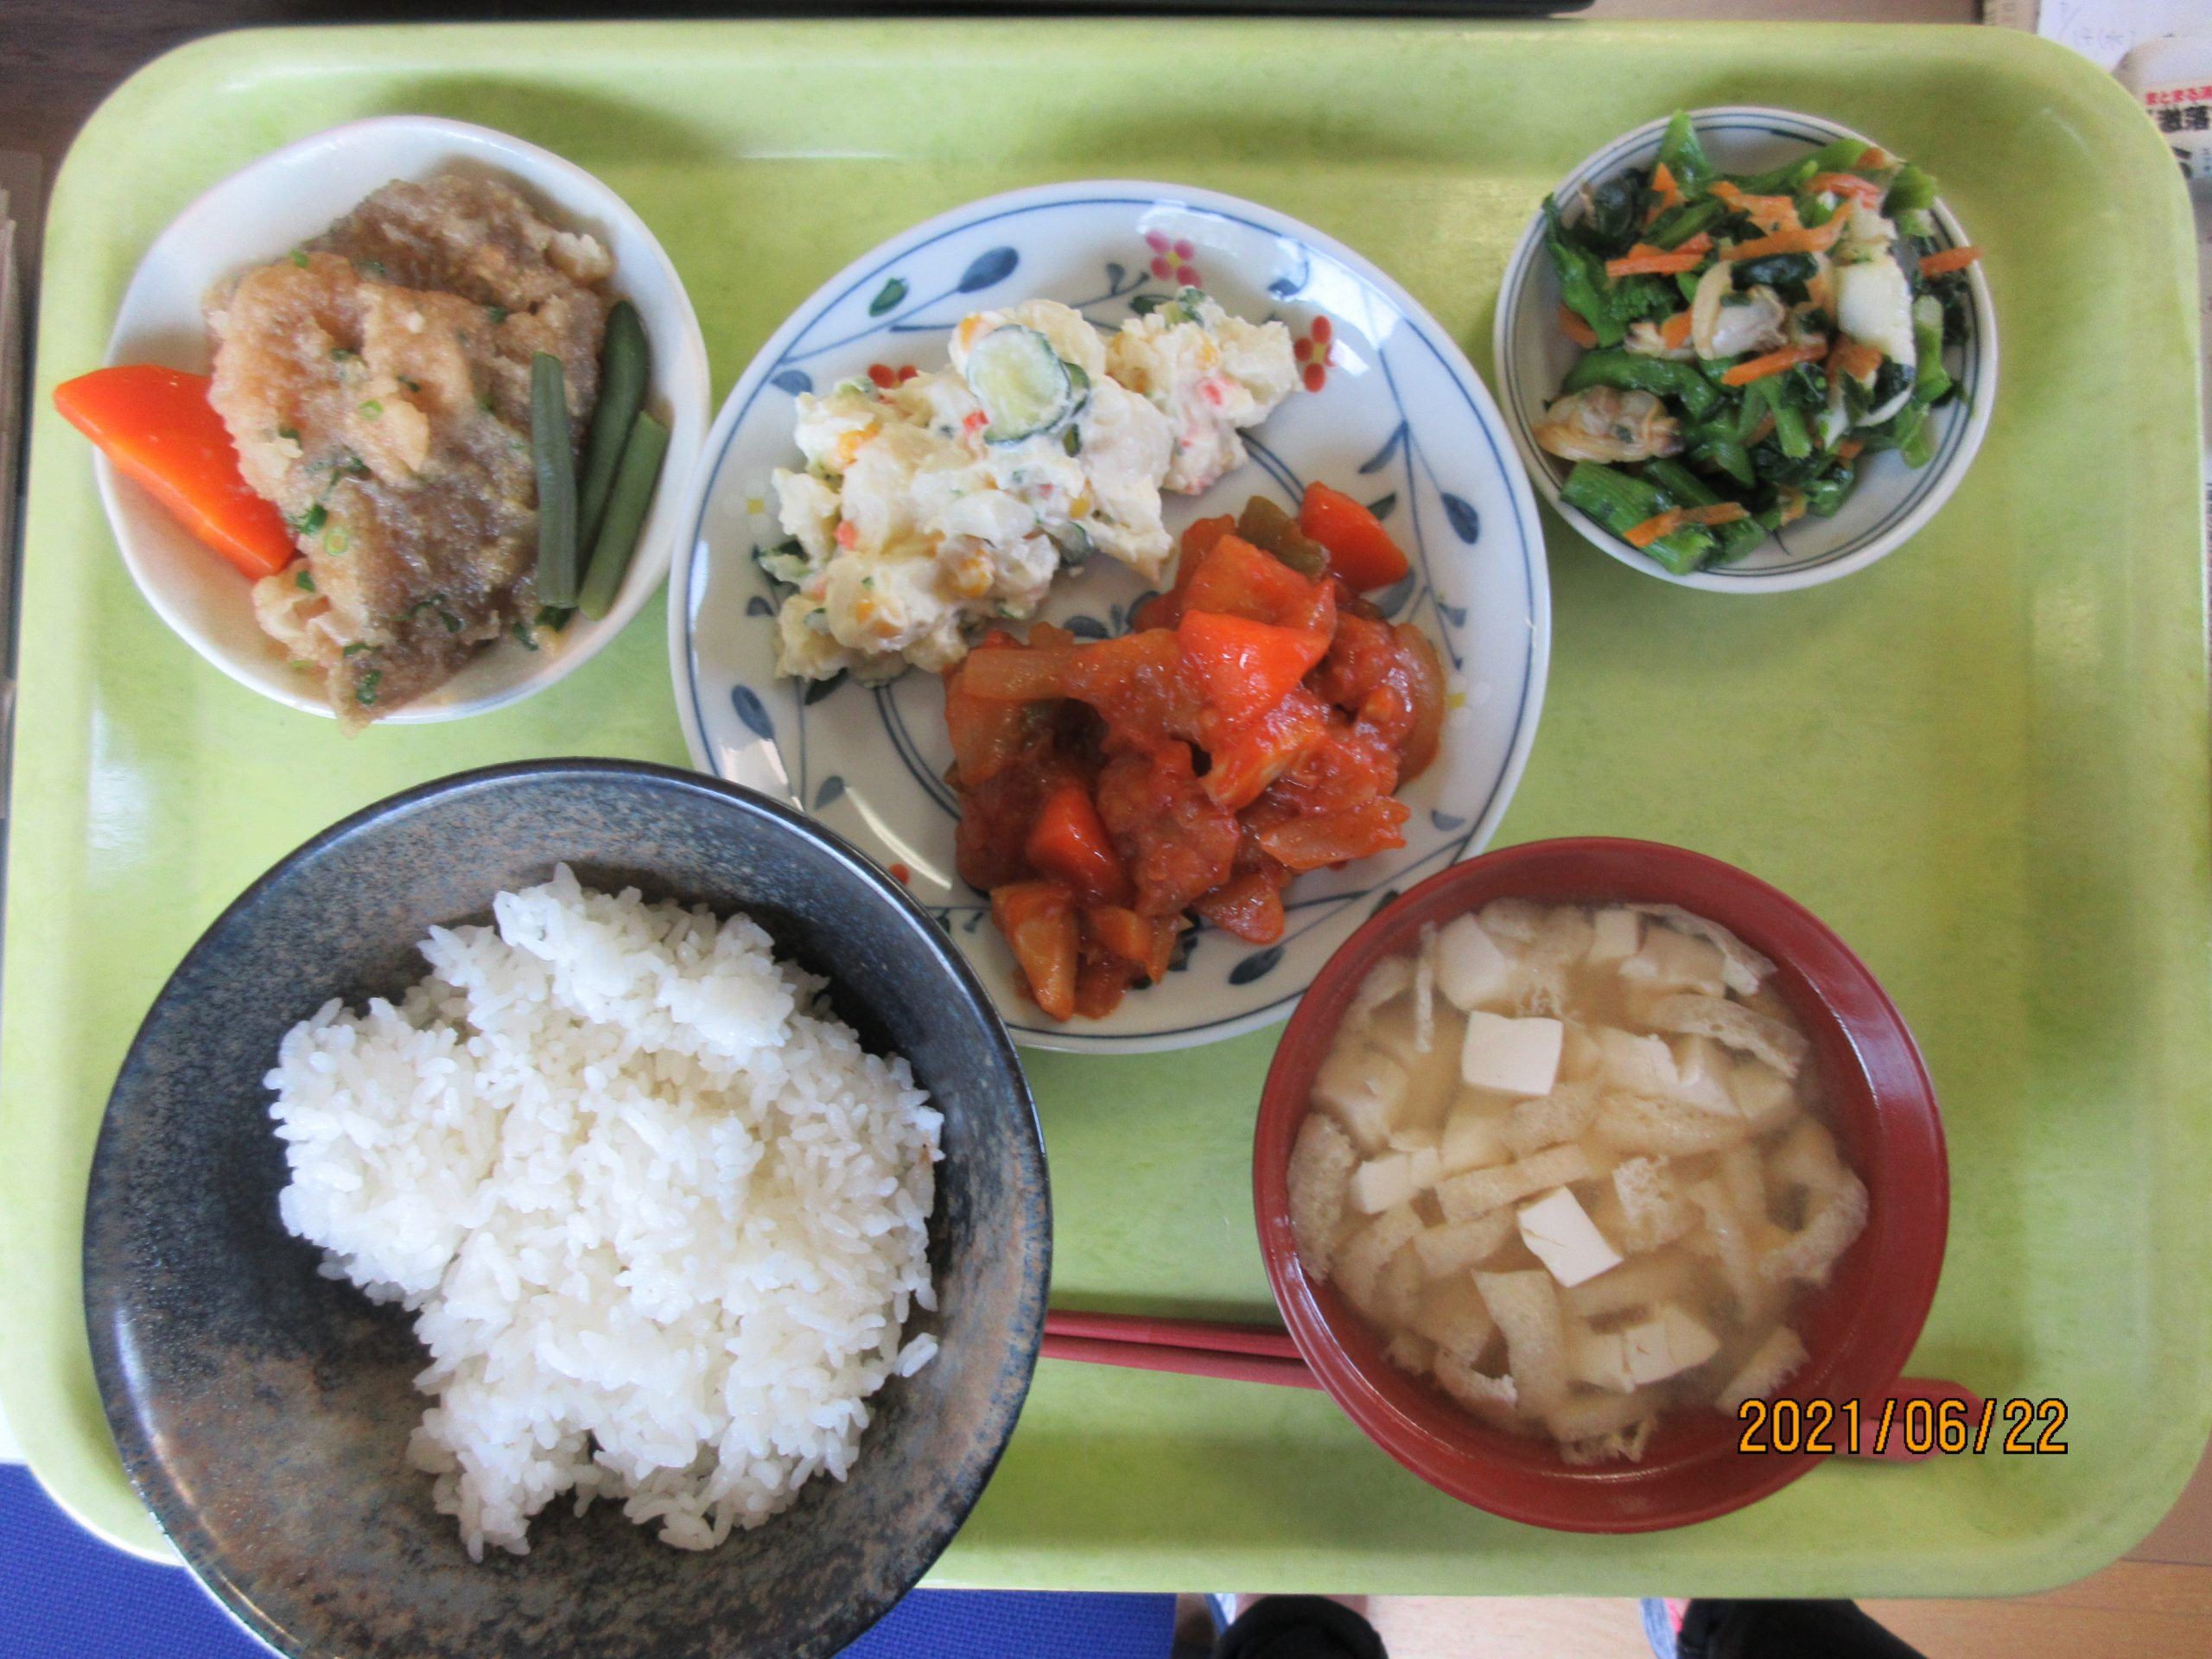 酢豚とカレイのおろし煮どっちが好きですか?